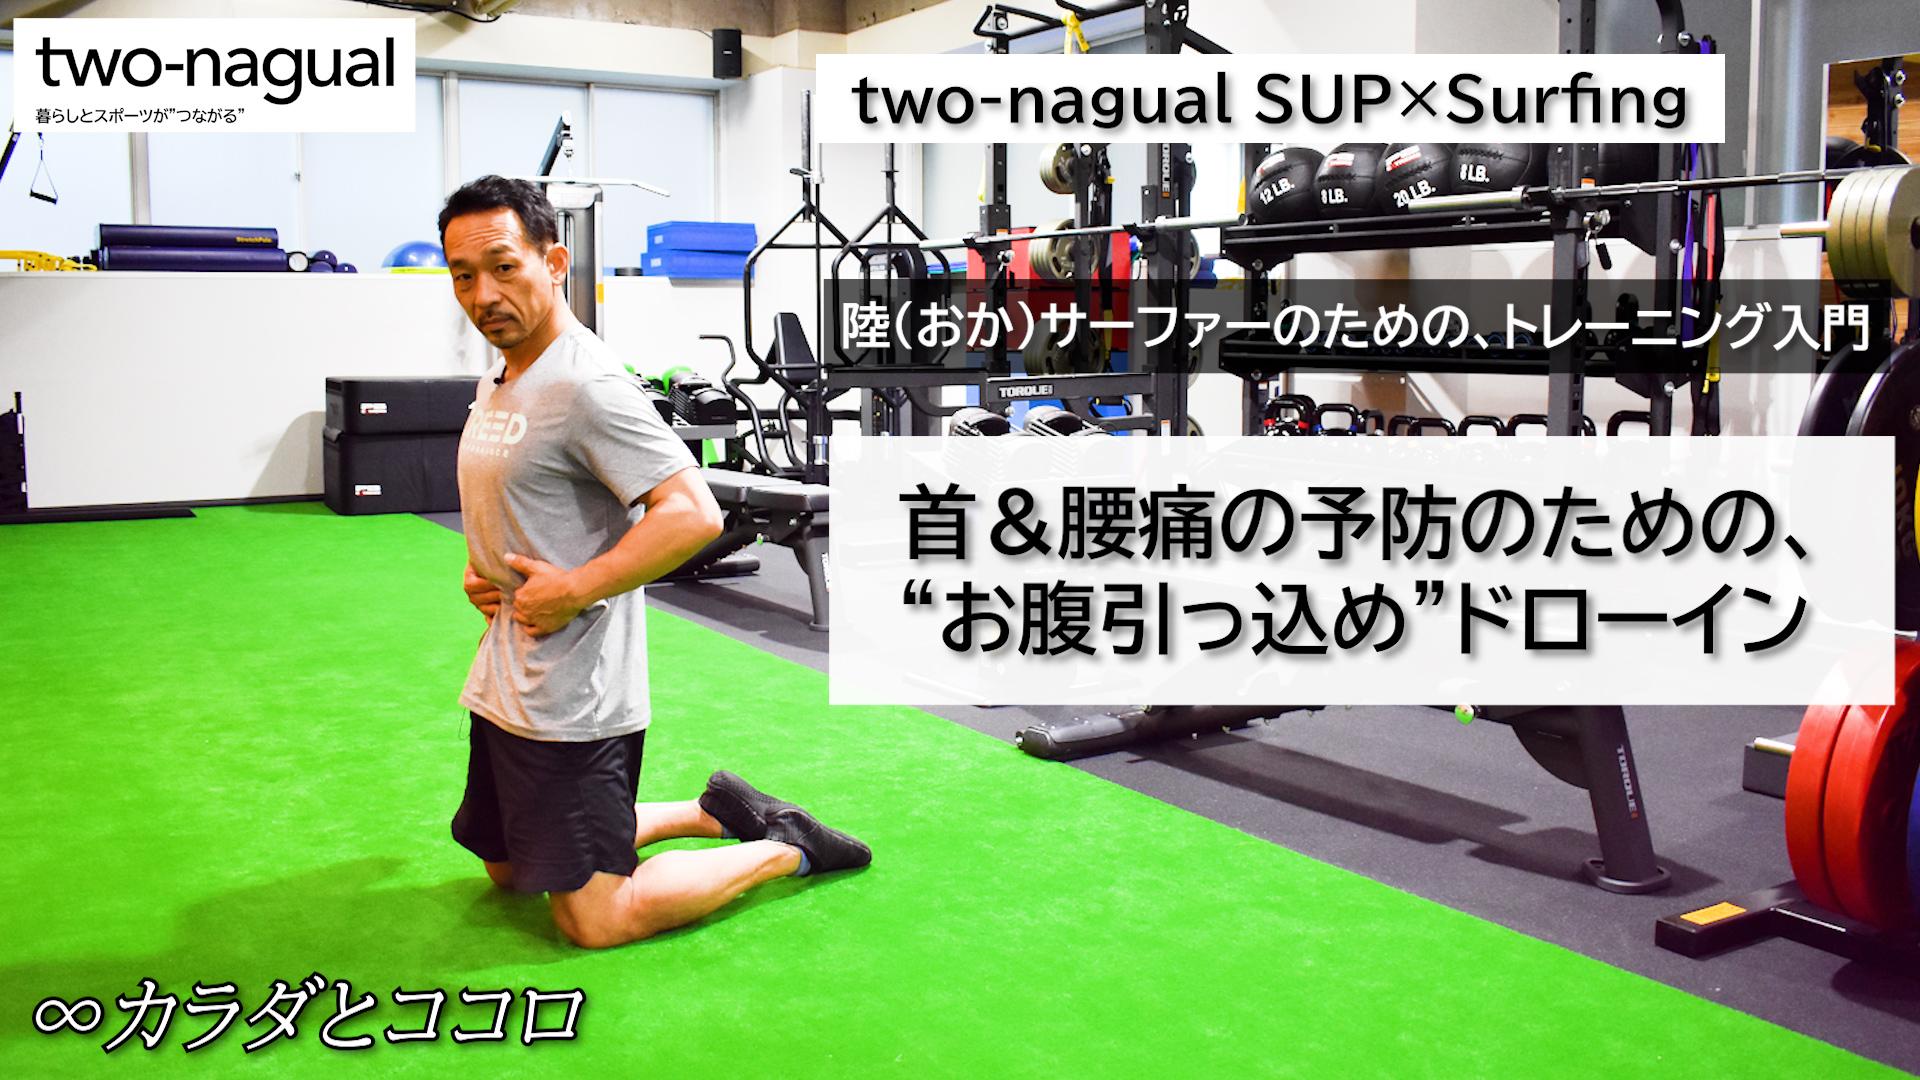 """<small>【two-nagual SUP × Surfing】</small><br />陸(おか)サーファーのための、トレーニング入門<br />首&腰痛の予防のための<br />""""お腹引っ込め""""ドローイン"""